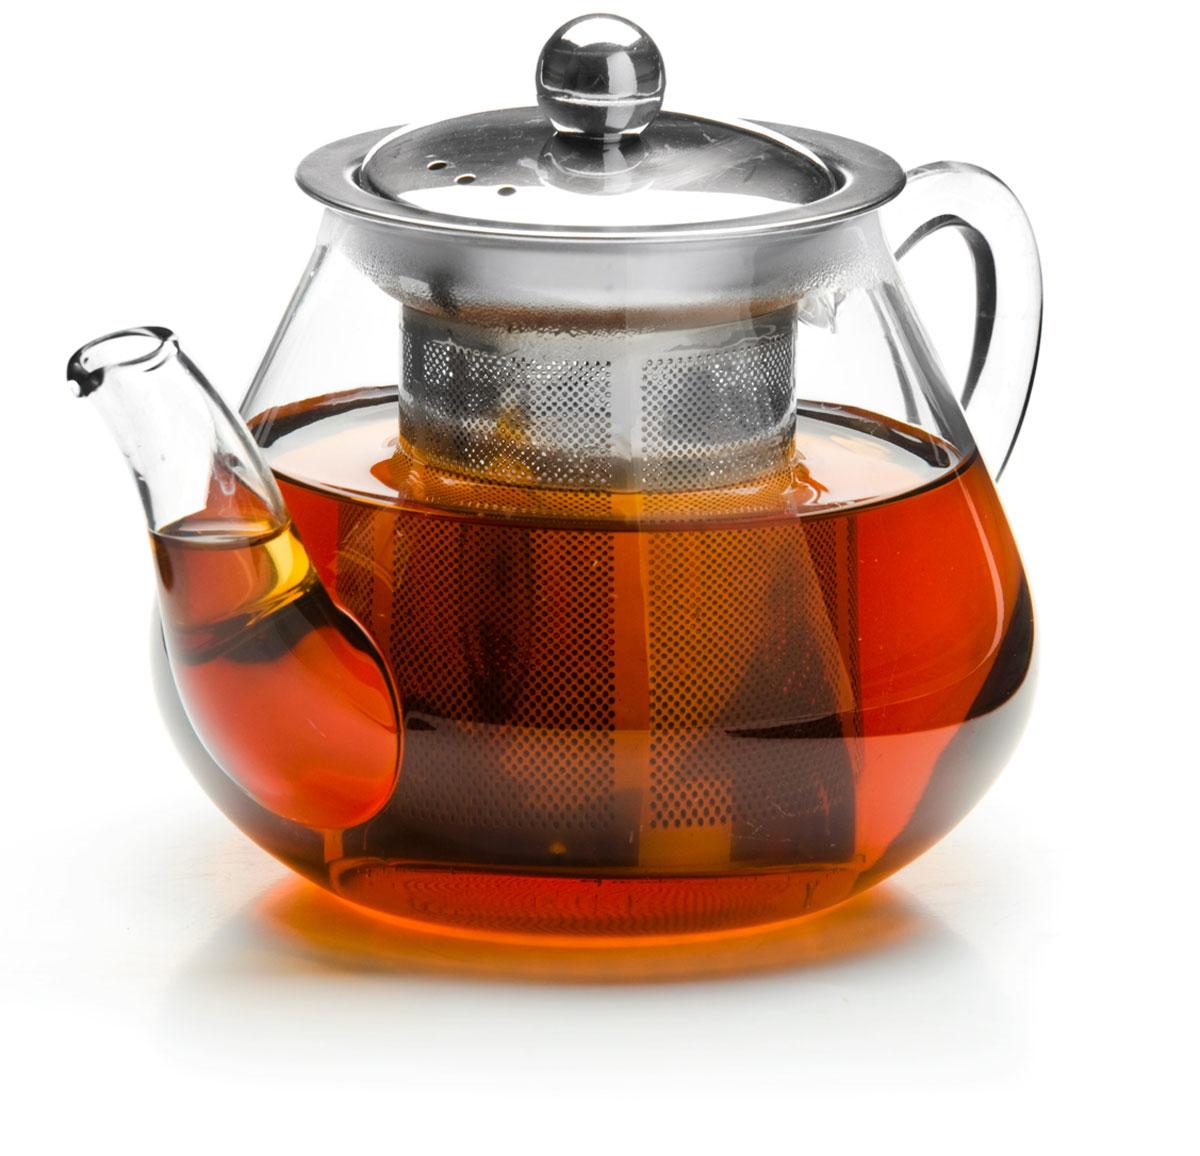 Чайник заварочный Mayer & Boch, с ситом, 600 мл. 2620126201Заварочный чайник изготовлен из термостойкого боросиликатного стекла, крышка и фильтр выполнены из нержавеющей стали .Изделия изстекла не впитывают запахи, благодаря чему вы всегда получите натуральный, насыщенный вкус и аромат напитков. Подходит для мытья впосудомоечной машине. Объем чайника: 600 мл.